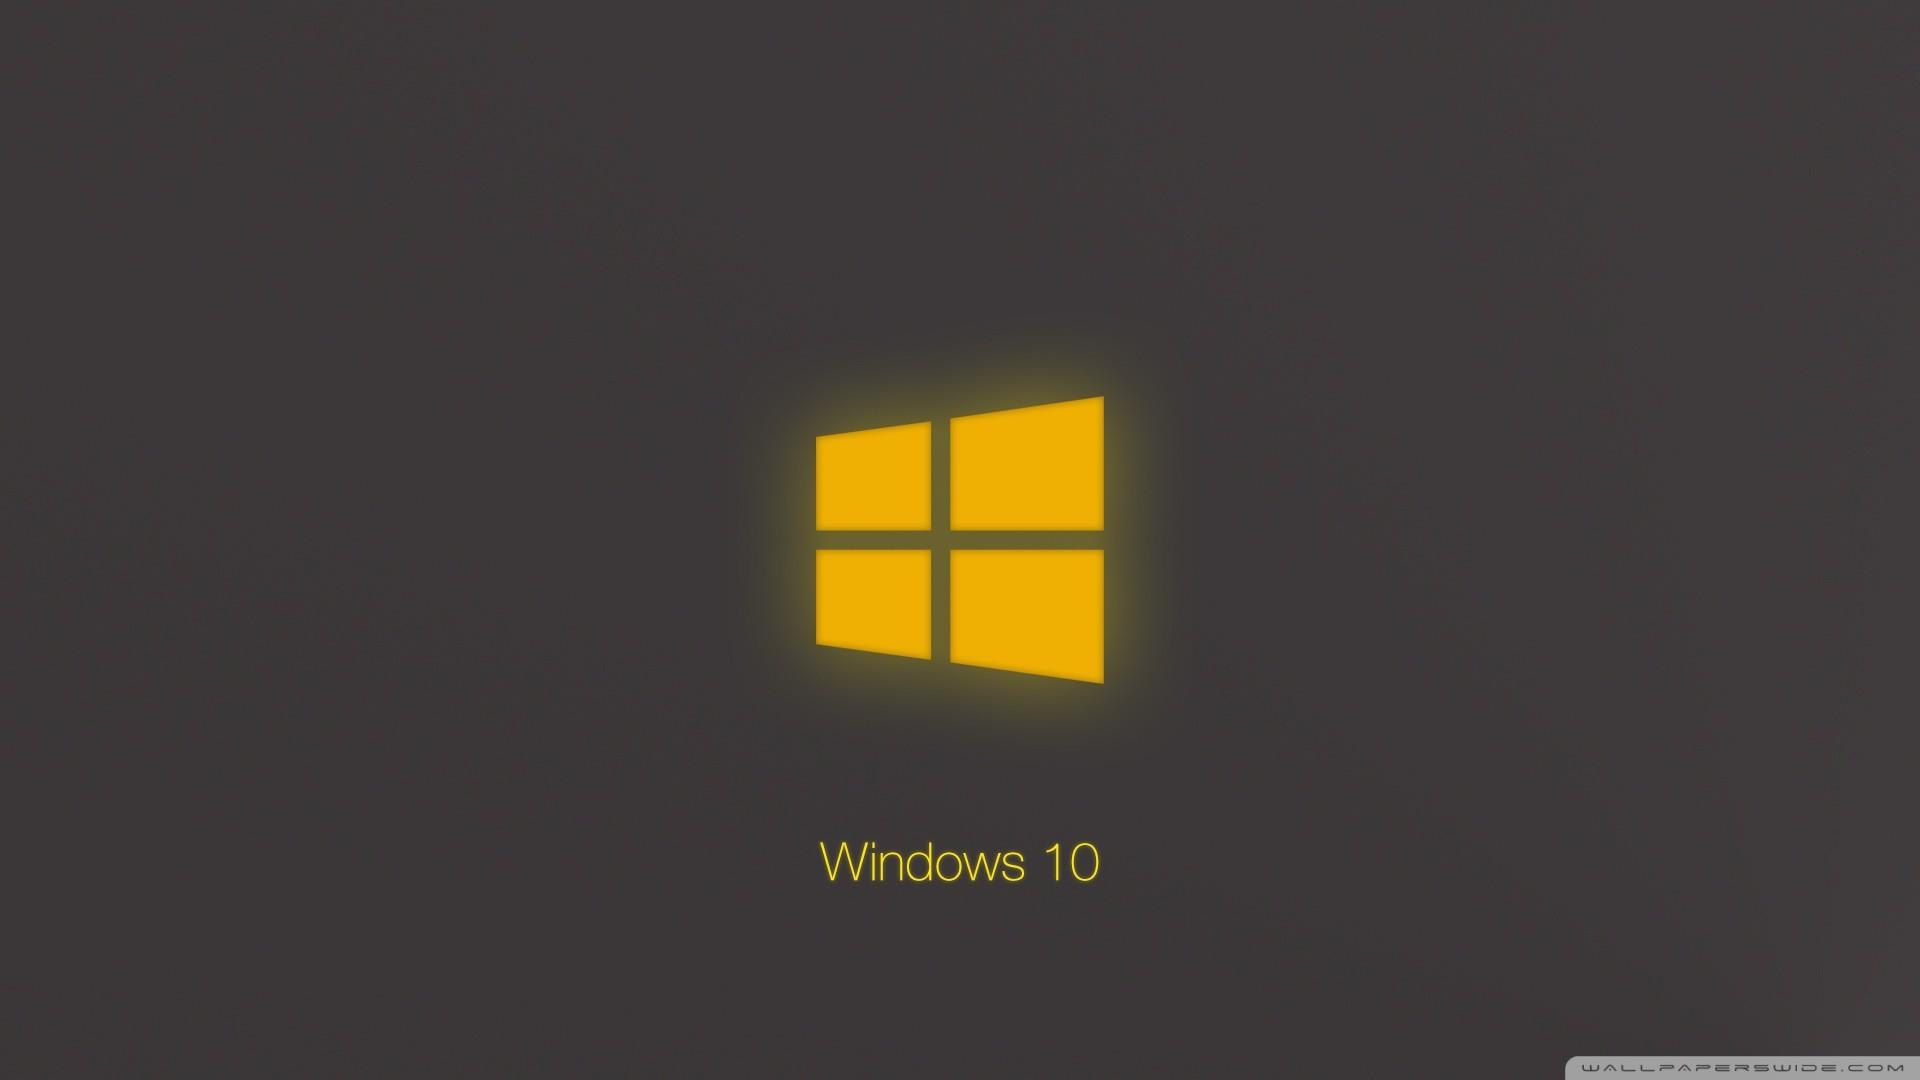 Widescreen HD Windows 10 Wallpaper (64+ images)